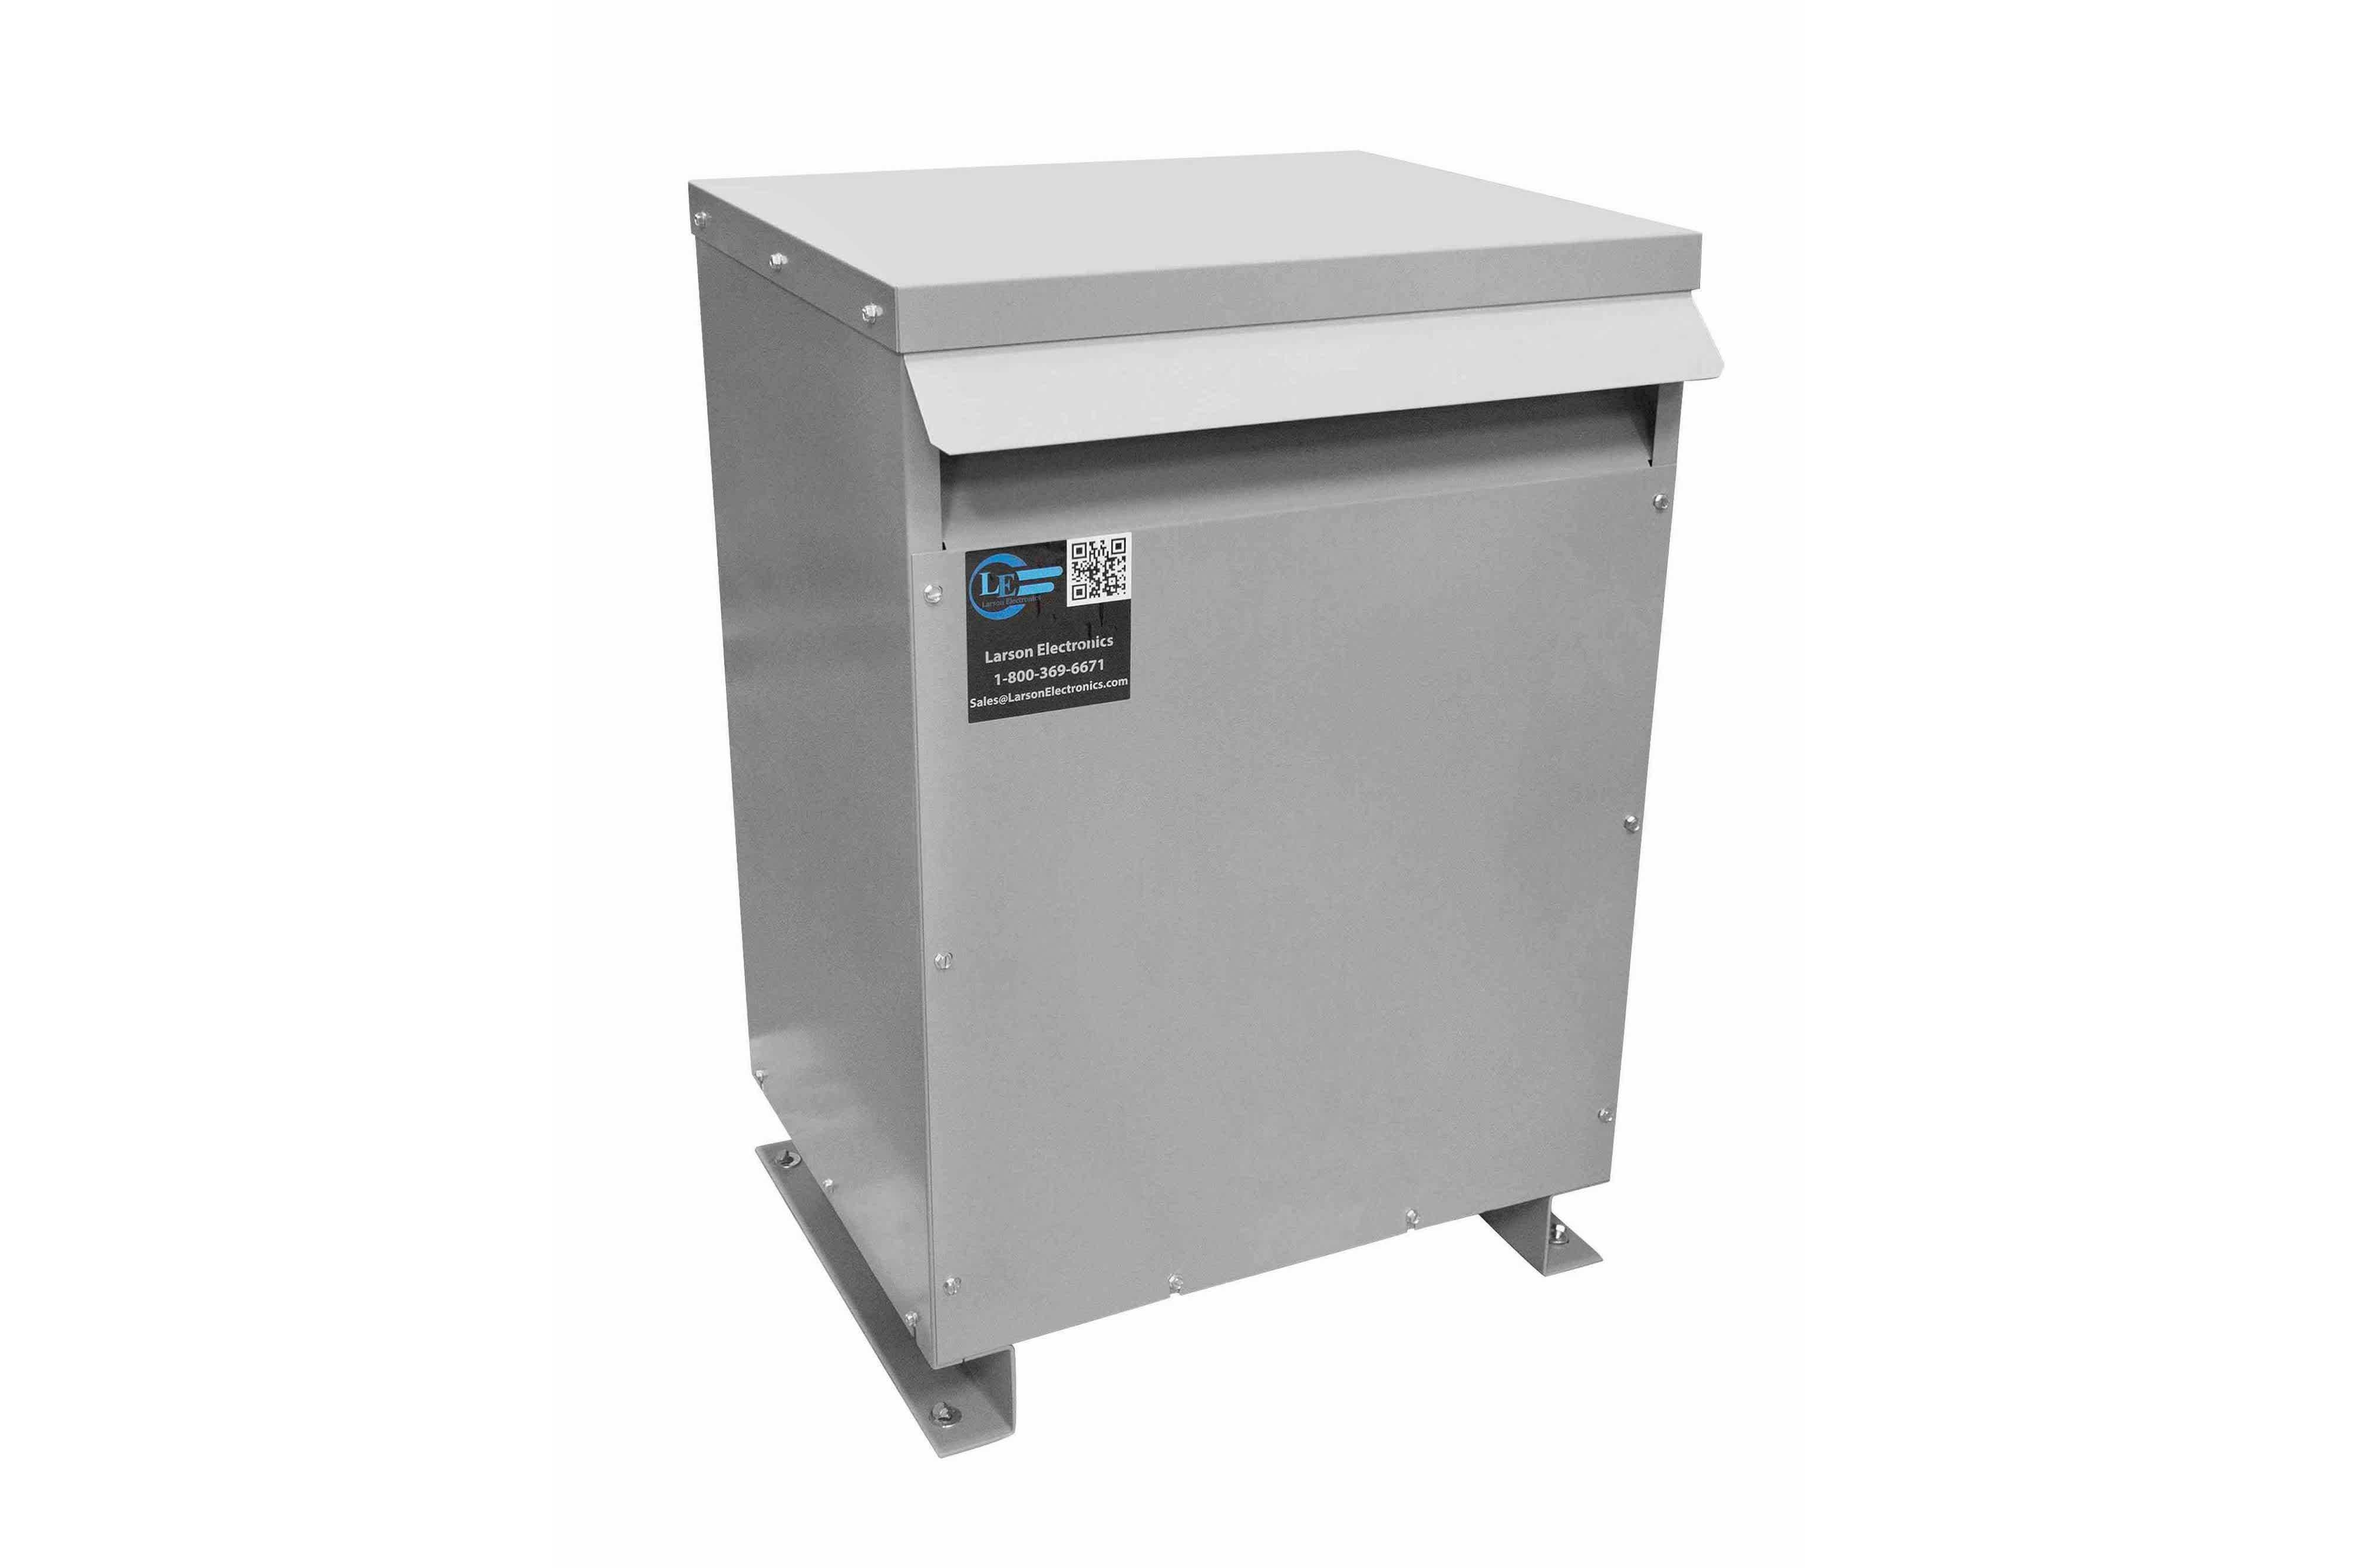 26 kVA 3PH Isolation Transformer, 575V Delta Primary, 400V Delta Secondary, N3R, Ventilated, 60 Hz